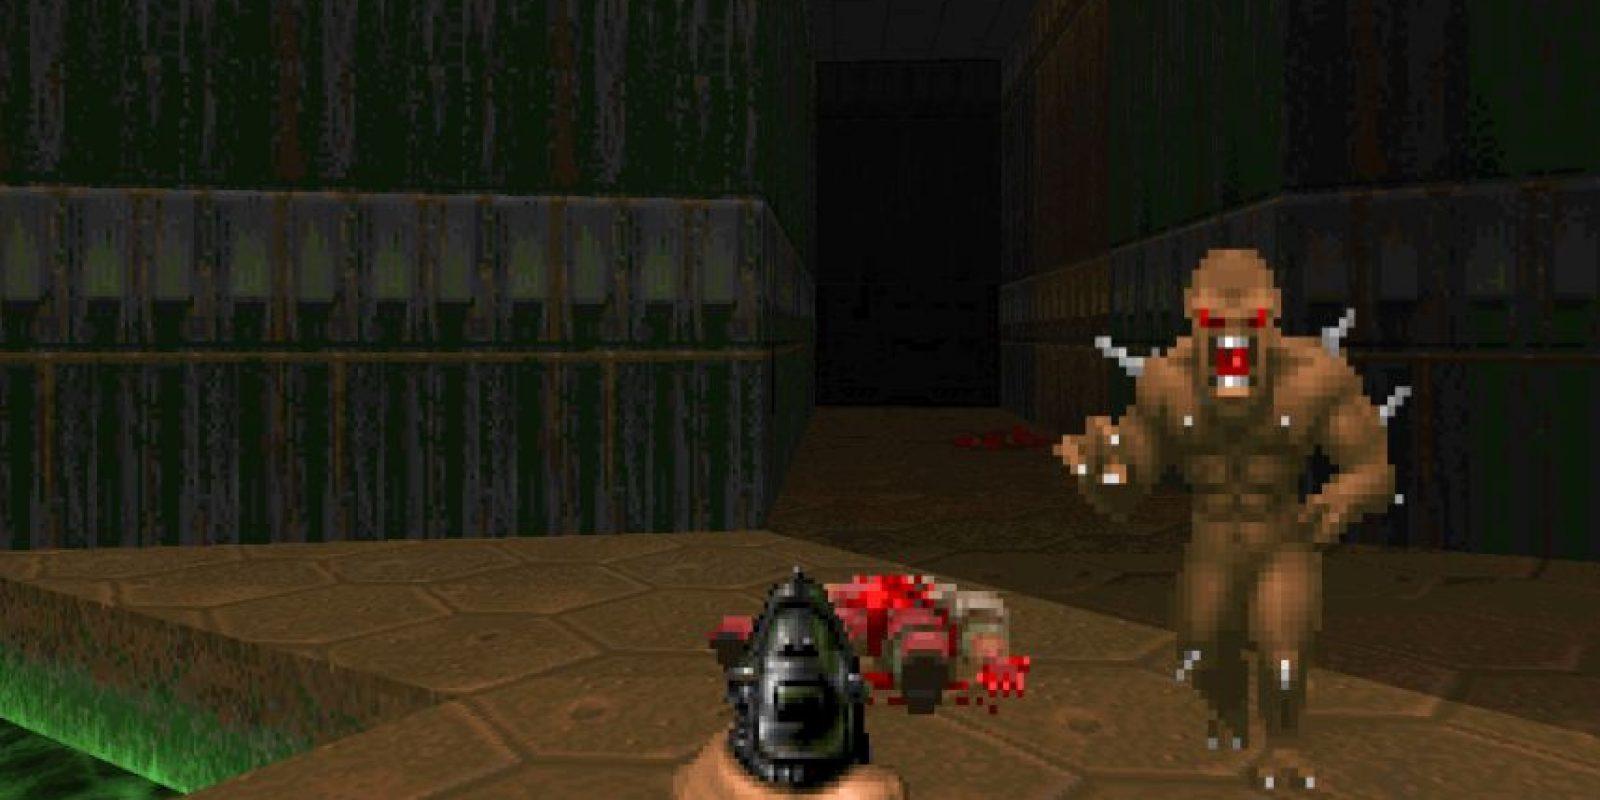 Doom, un videojuego de disparos en primera persona desarrollado en 1993 por la compañía ID Software para el sistema operativo DOS (PC) ahora disponible con mejores gráficos para celulares Android. Foto: ID Software